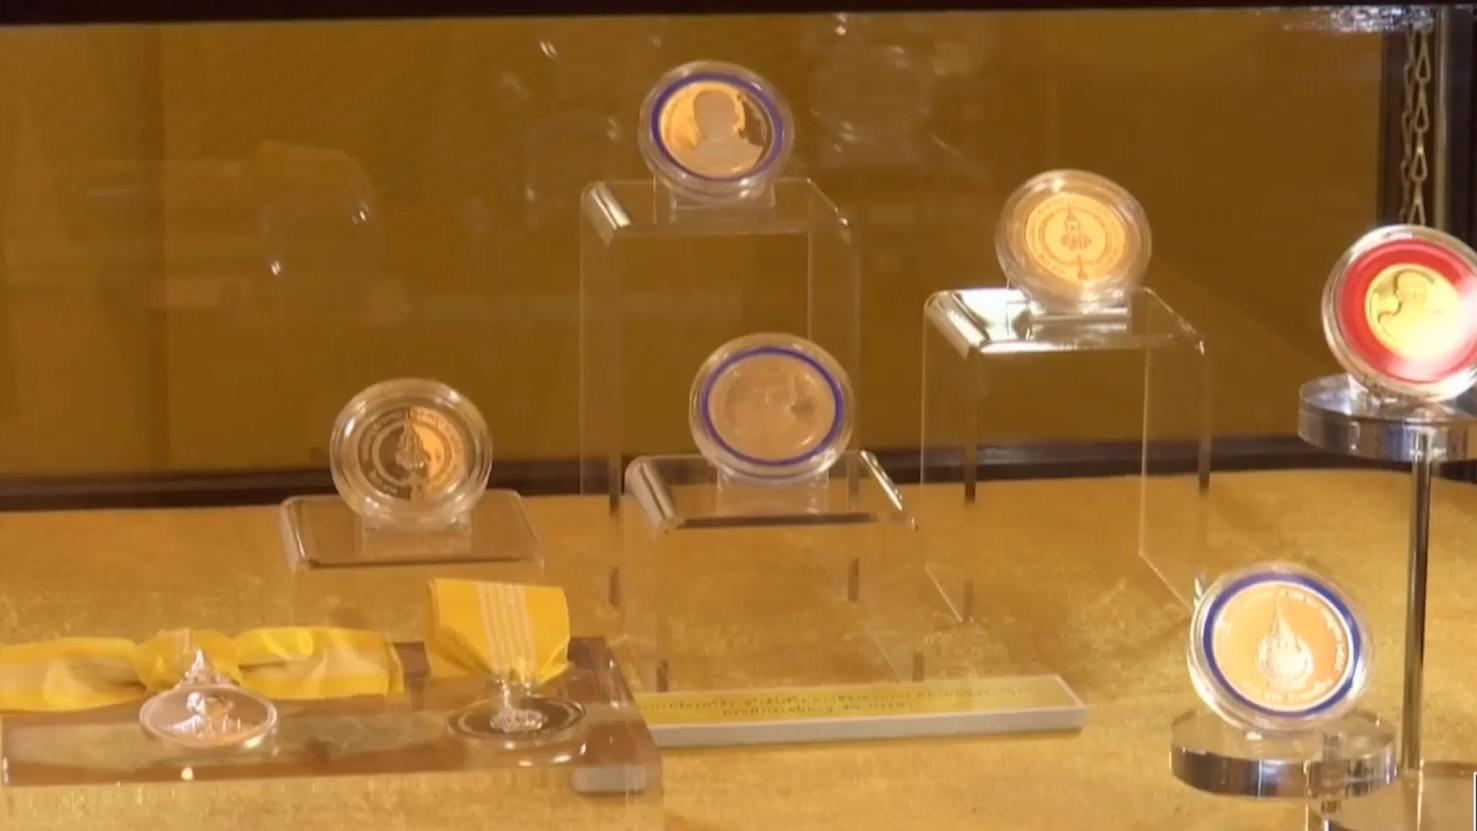 ข่าวMono29 จองเหรียญที่ระลึก จองเหรียญพระราชพิธีบรมราชาภิเษก รัชกาลที่ 10